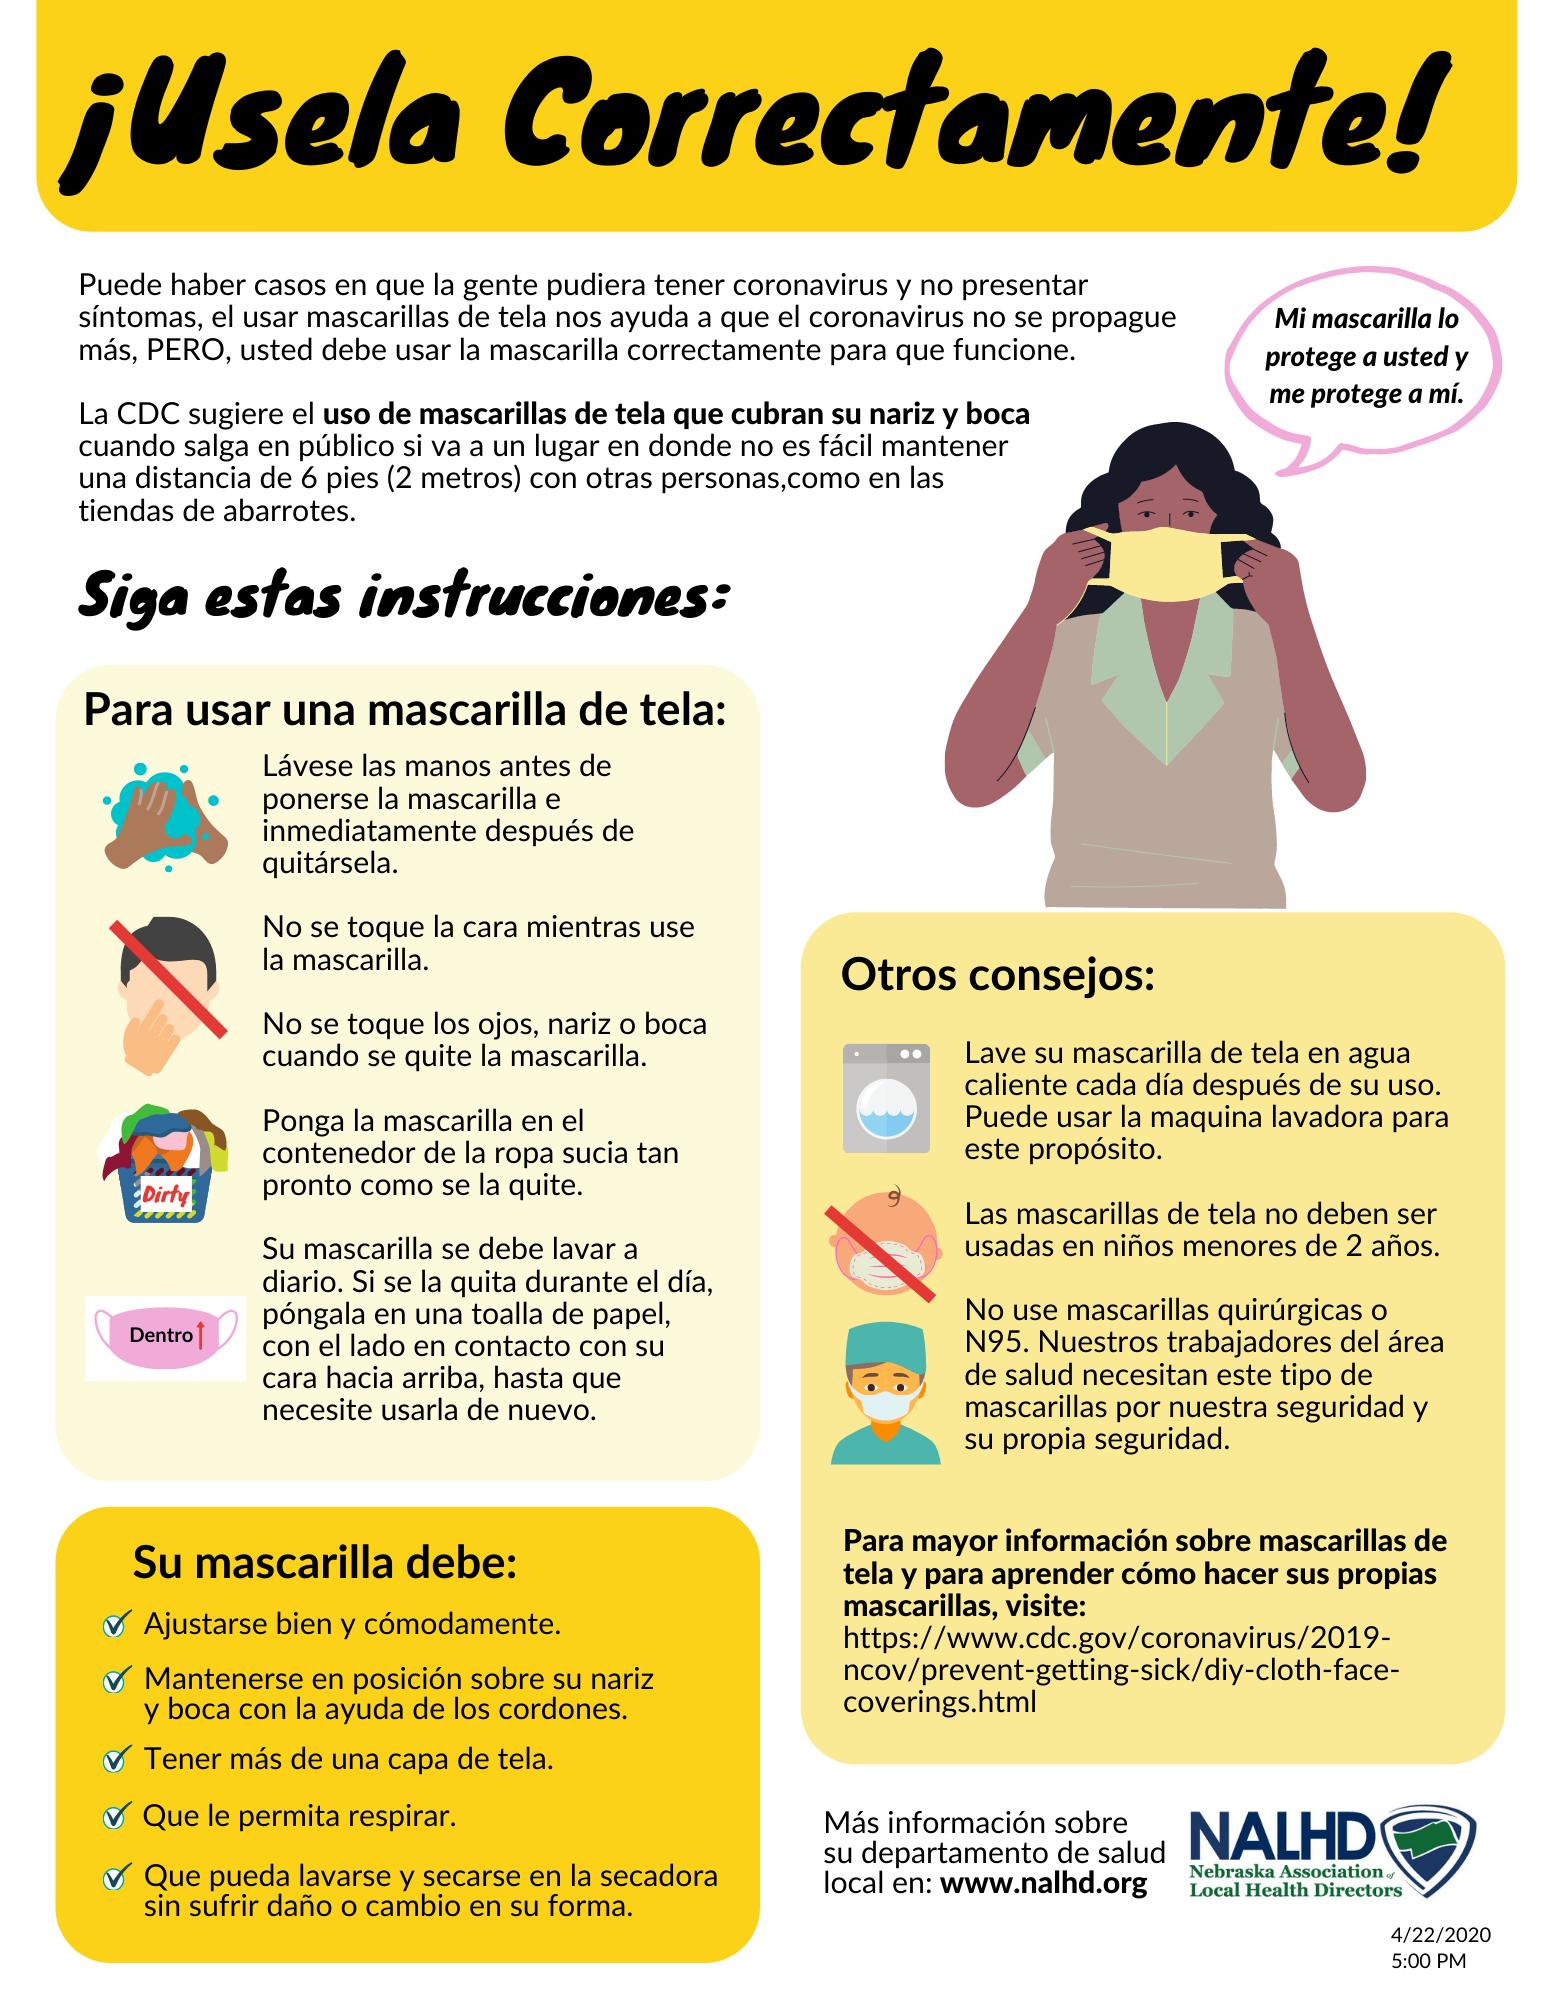 Cómo usar una máscara